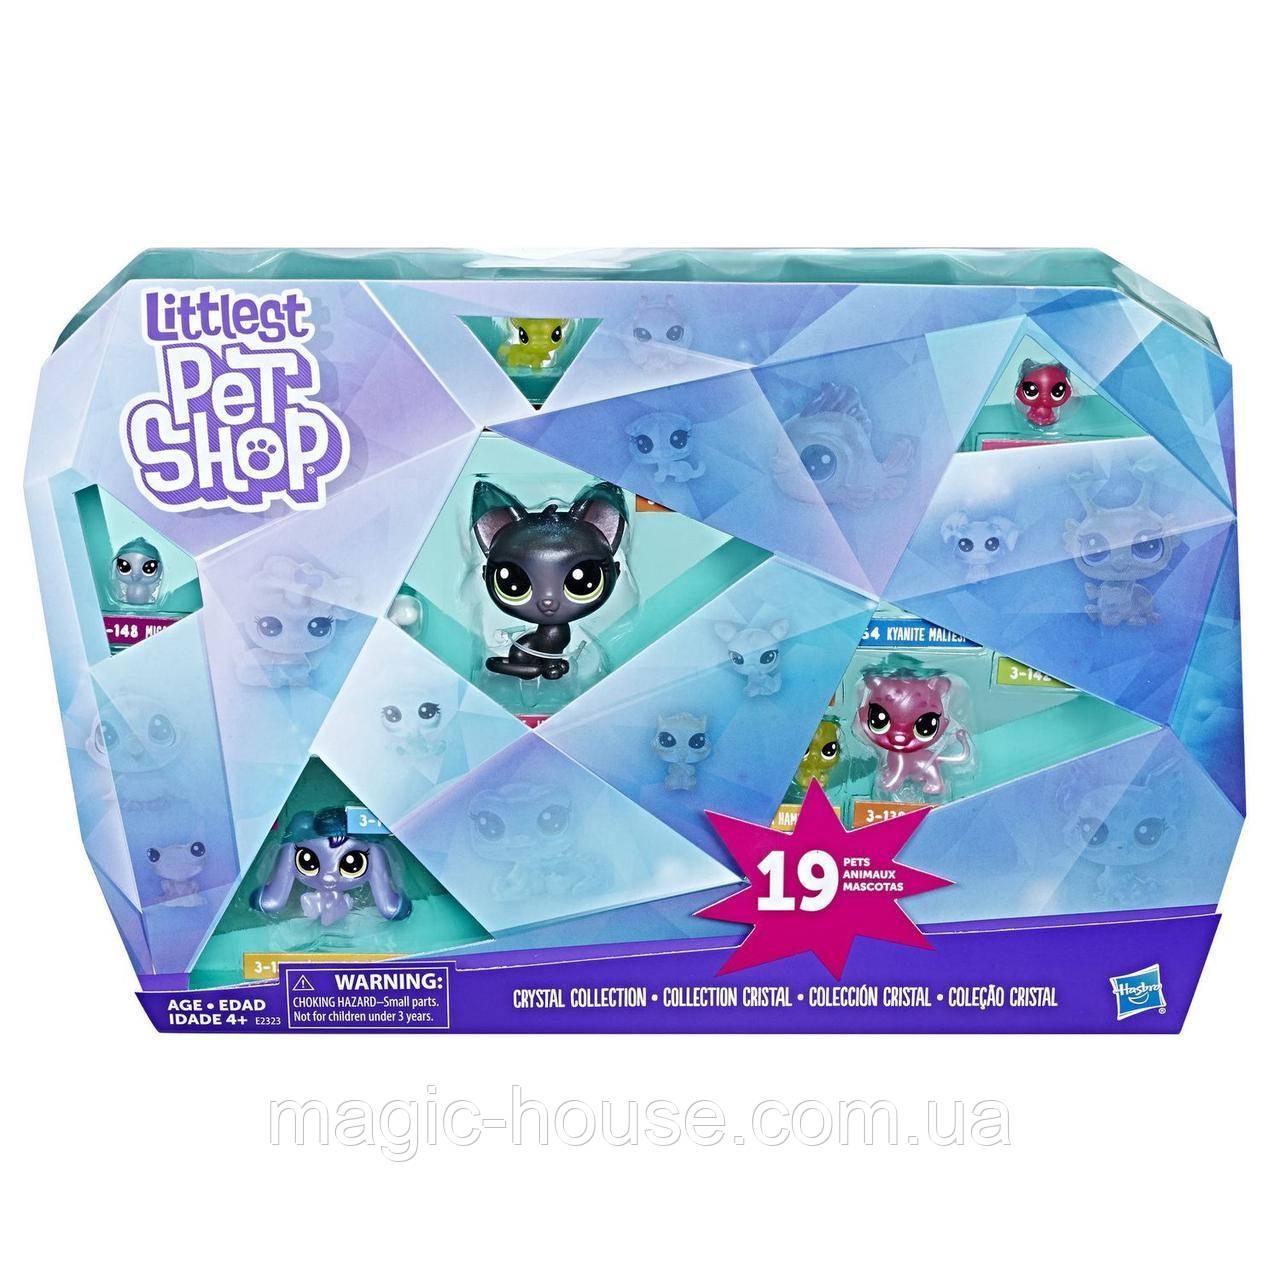 Littlest Pet Shop Эксклюзивная коллекция Кристалл от Hasbro